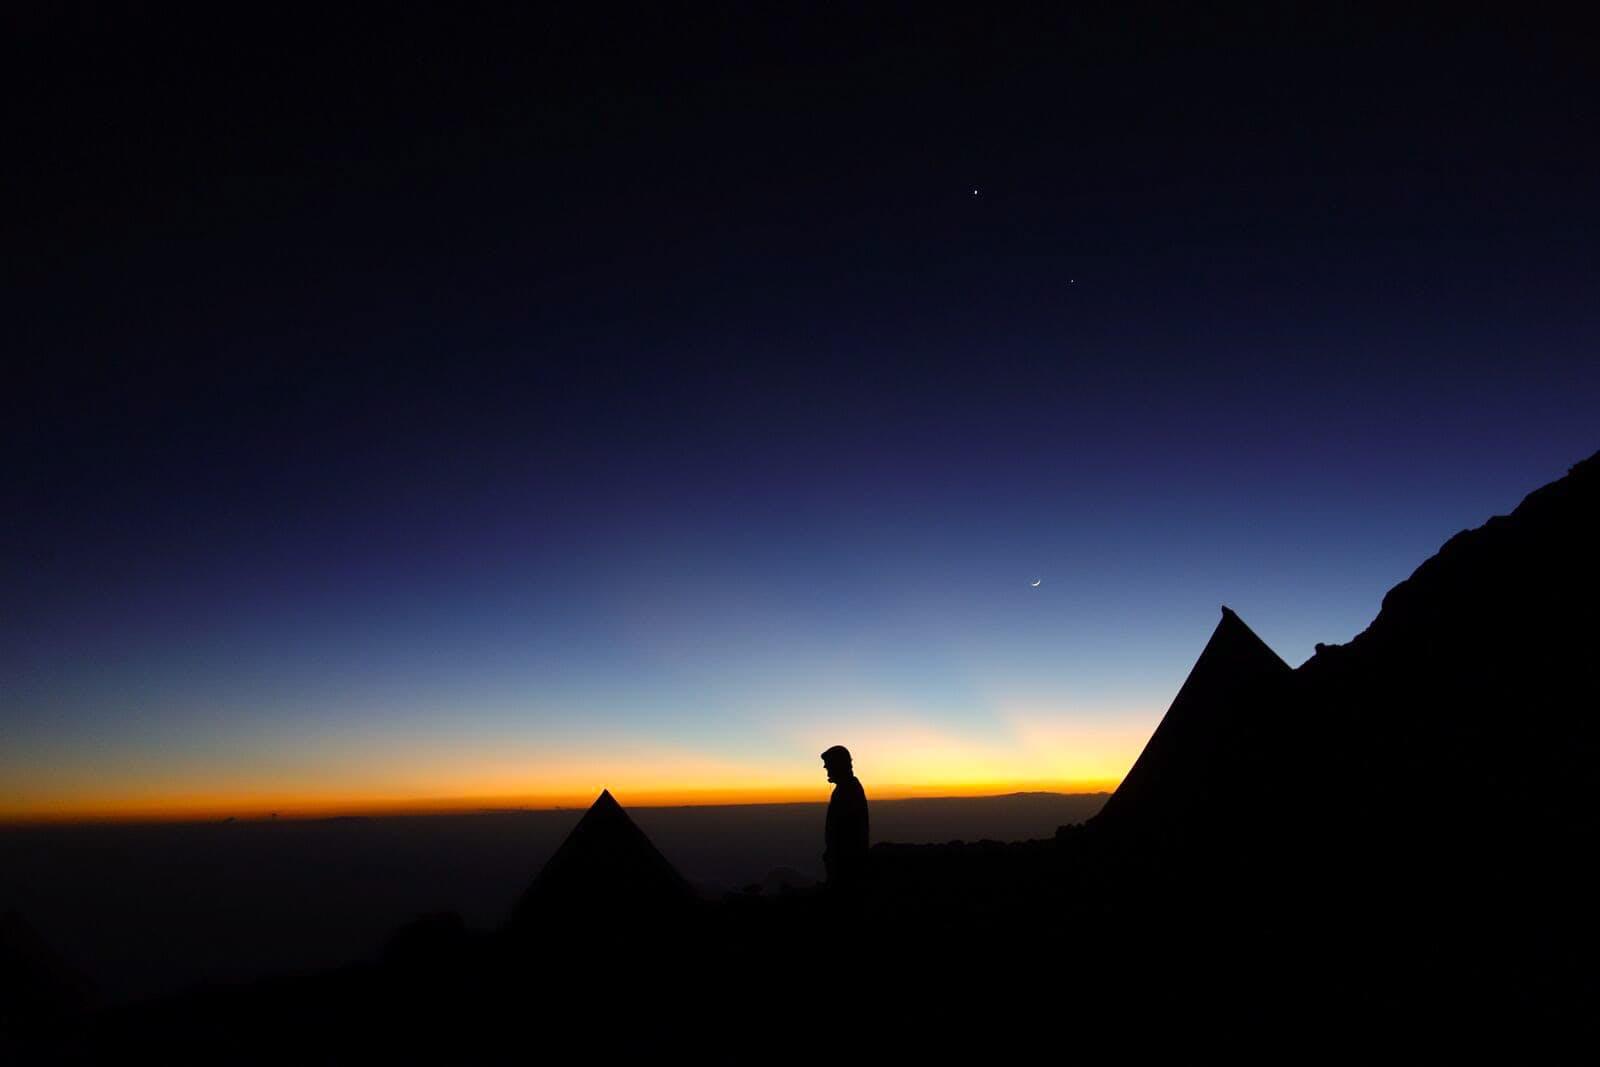 Night Time on Mount Kilimanjaro